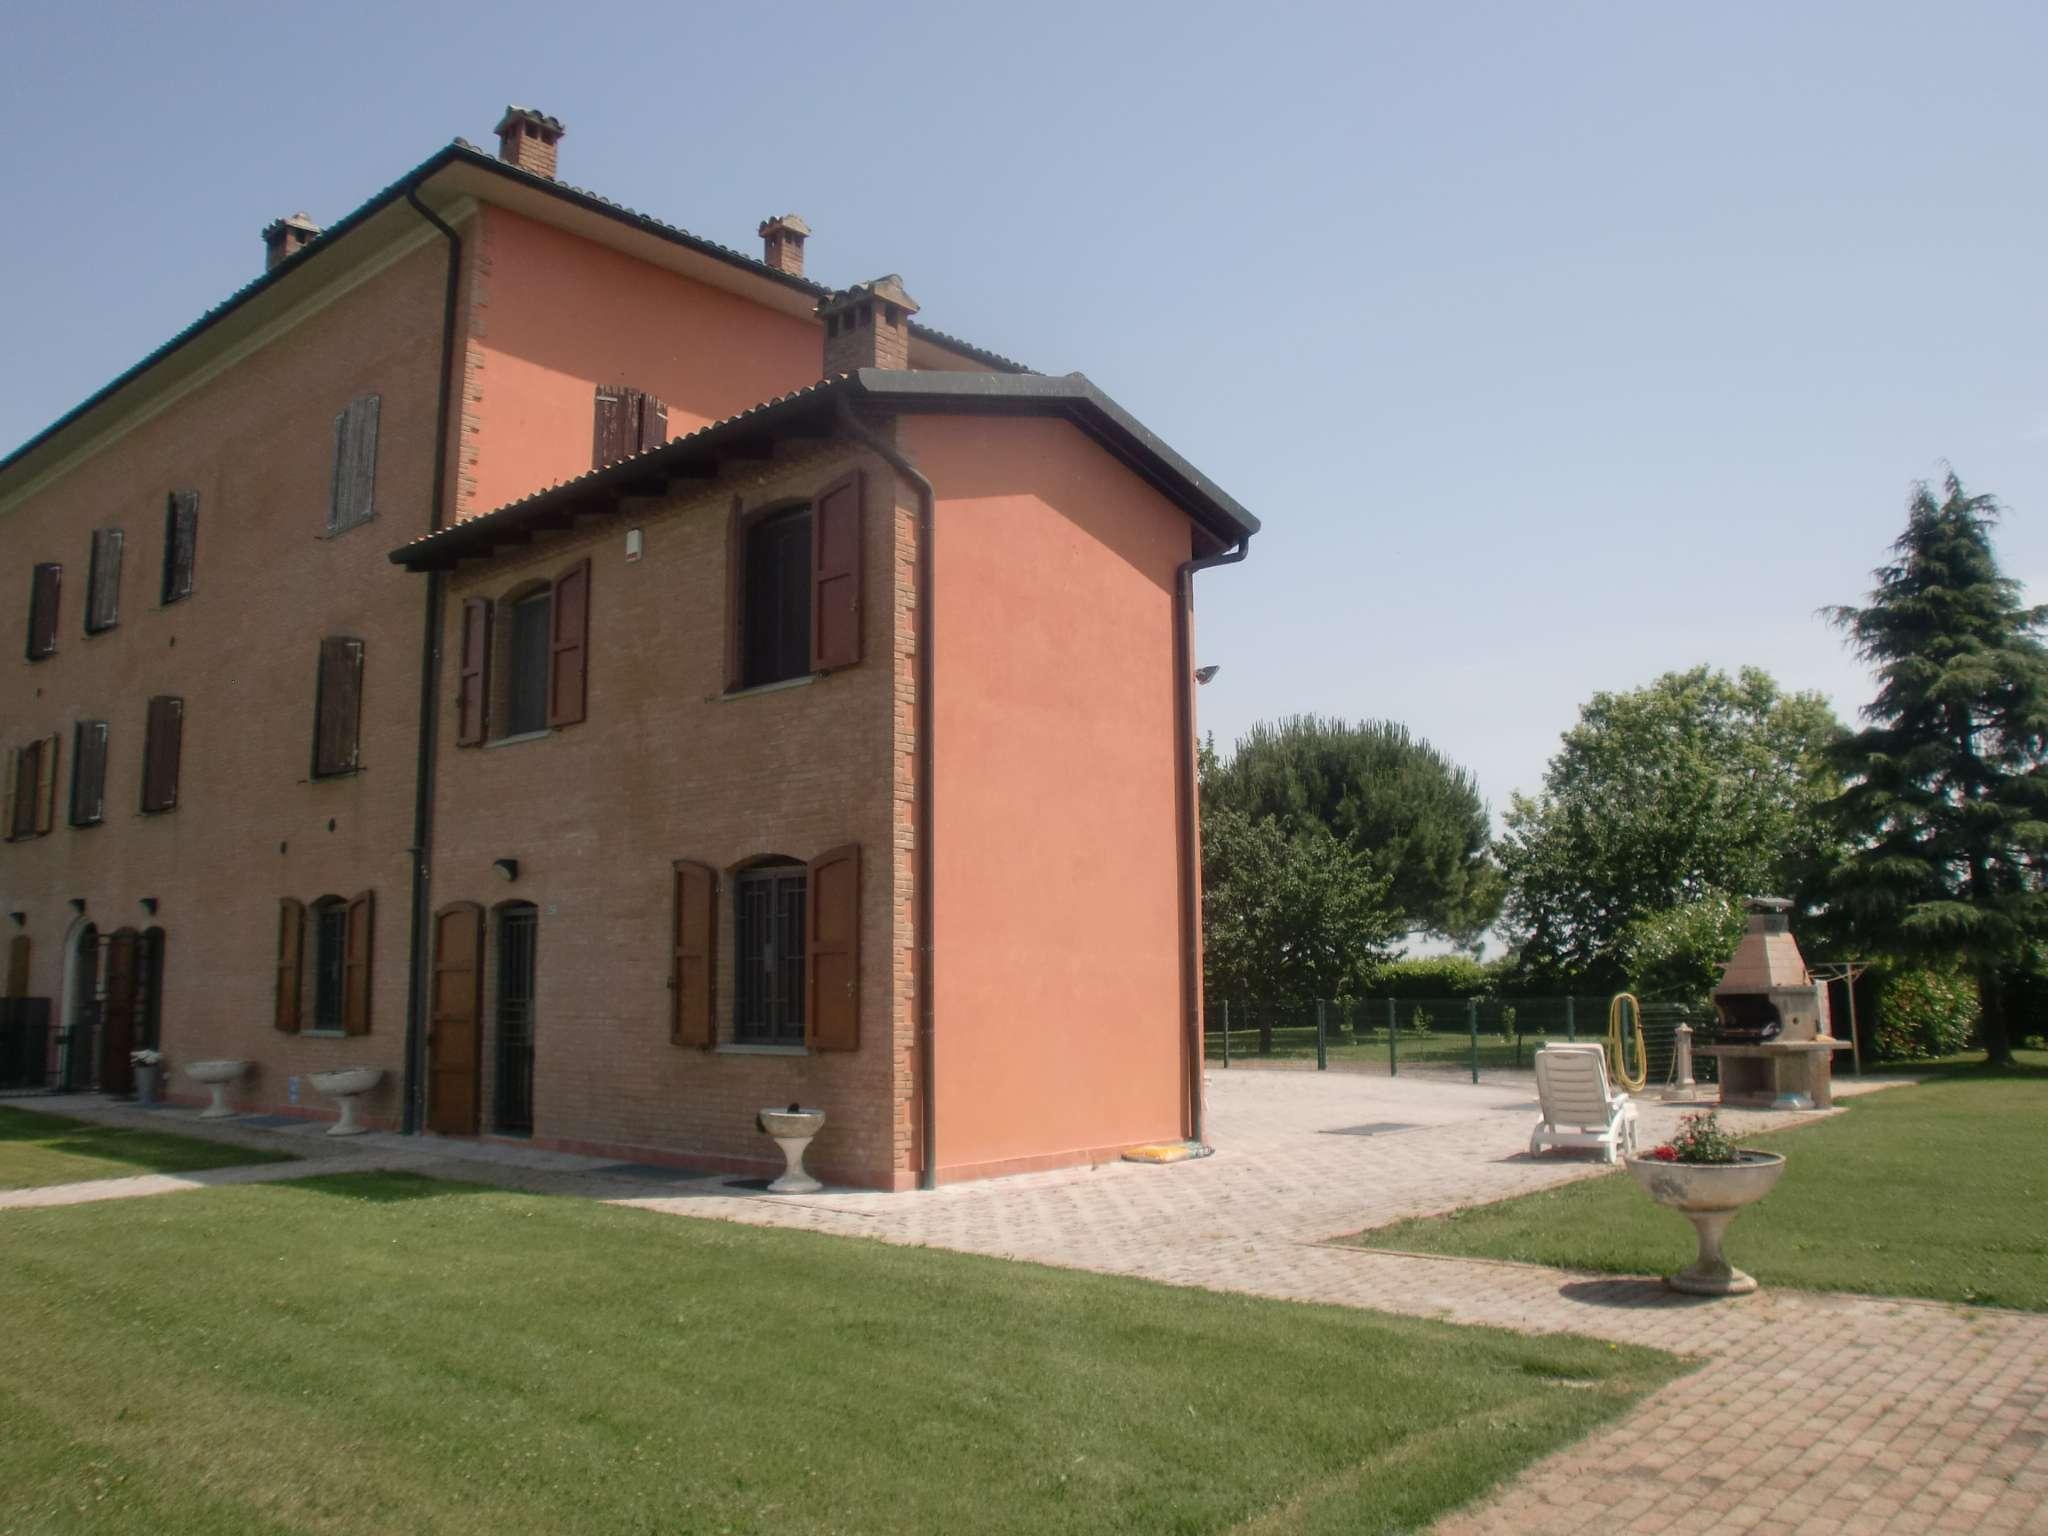 Castel San Pietro Terme Vendita PORZIONE DI CASA Immagine 0